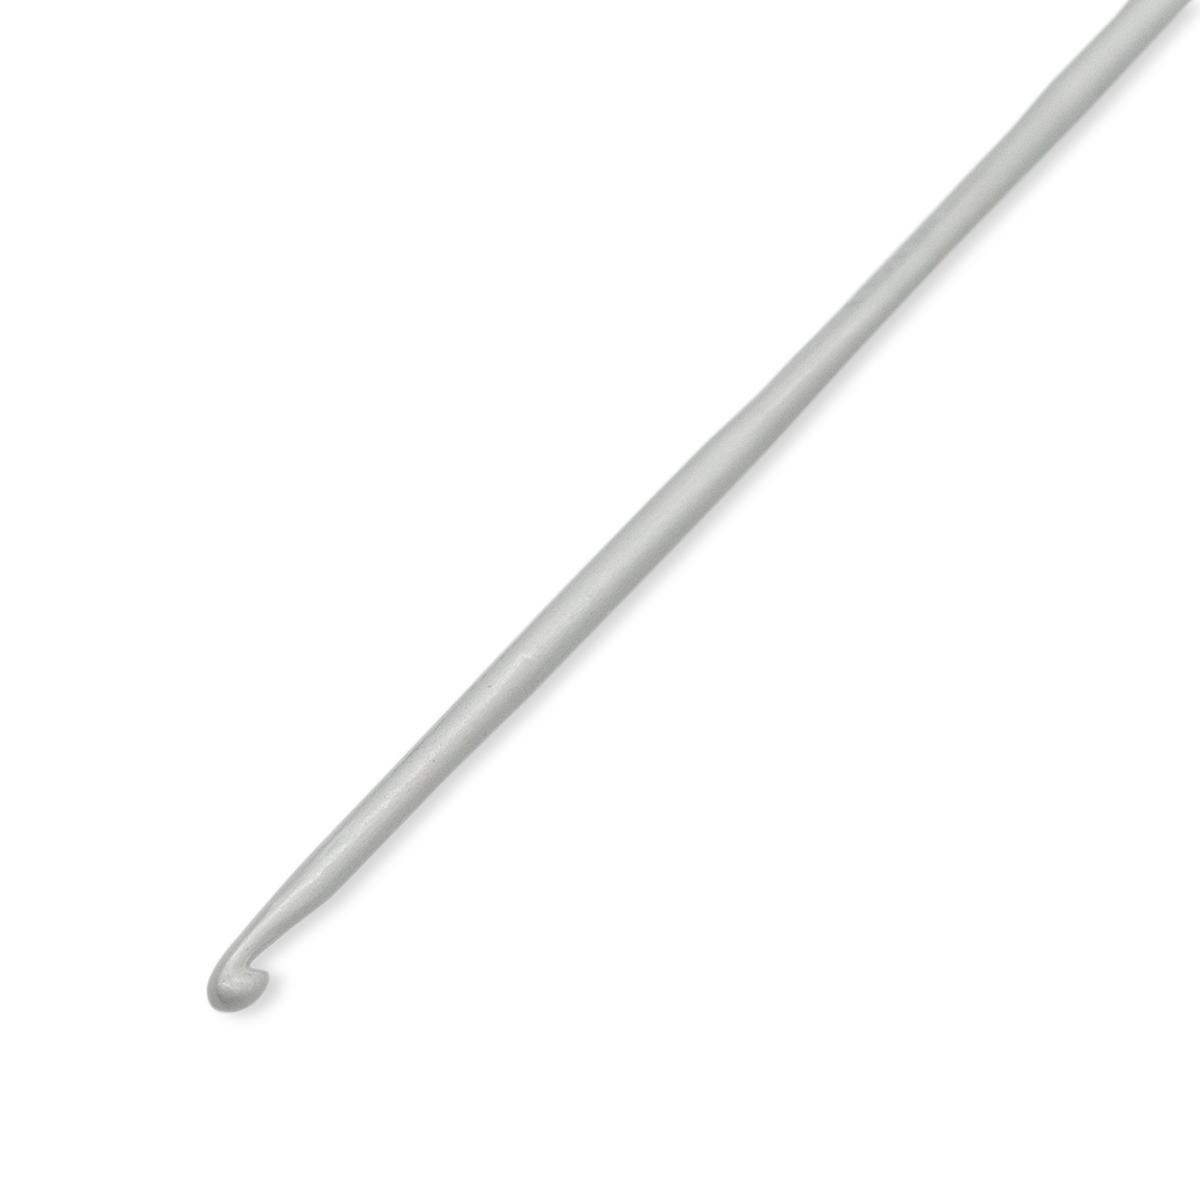 195135 Крючок с направляющей площадью, алюминий, 2,0 мм*14 см, Prym